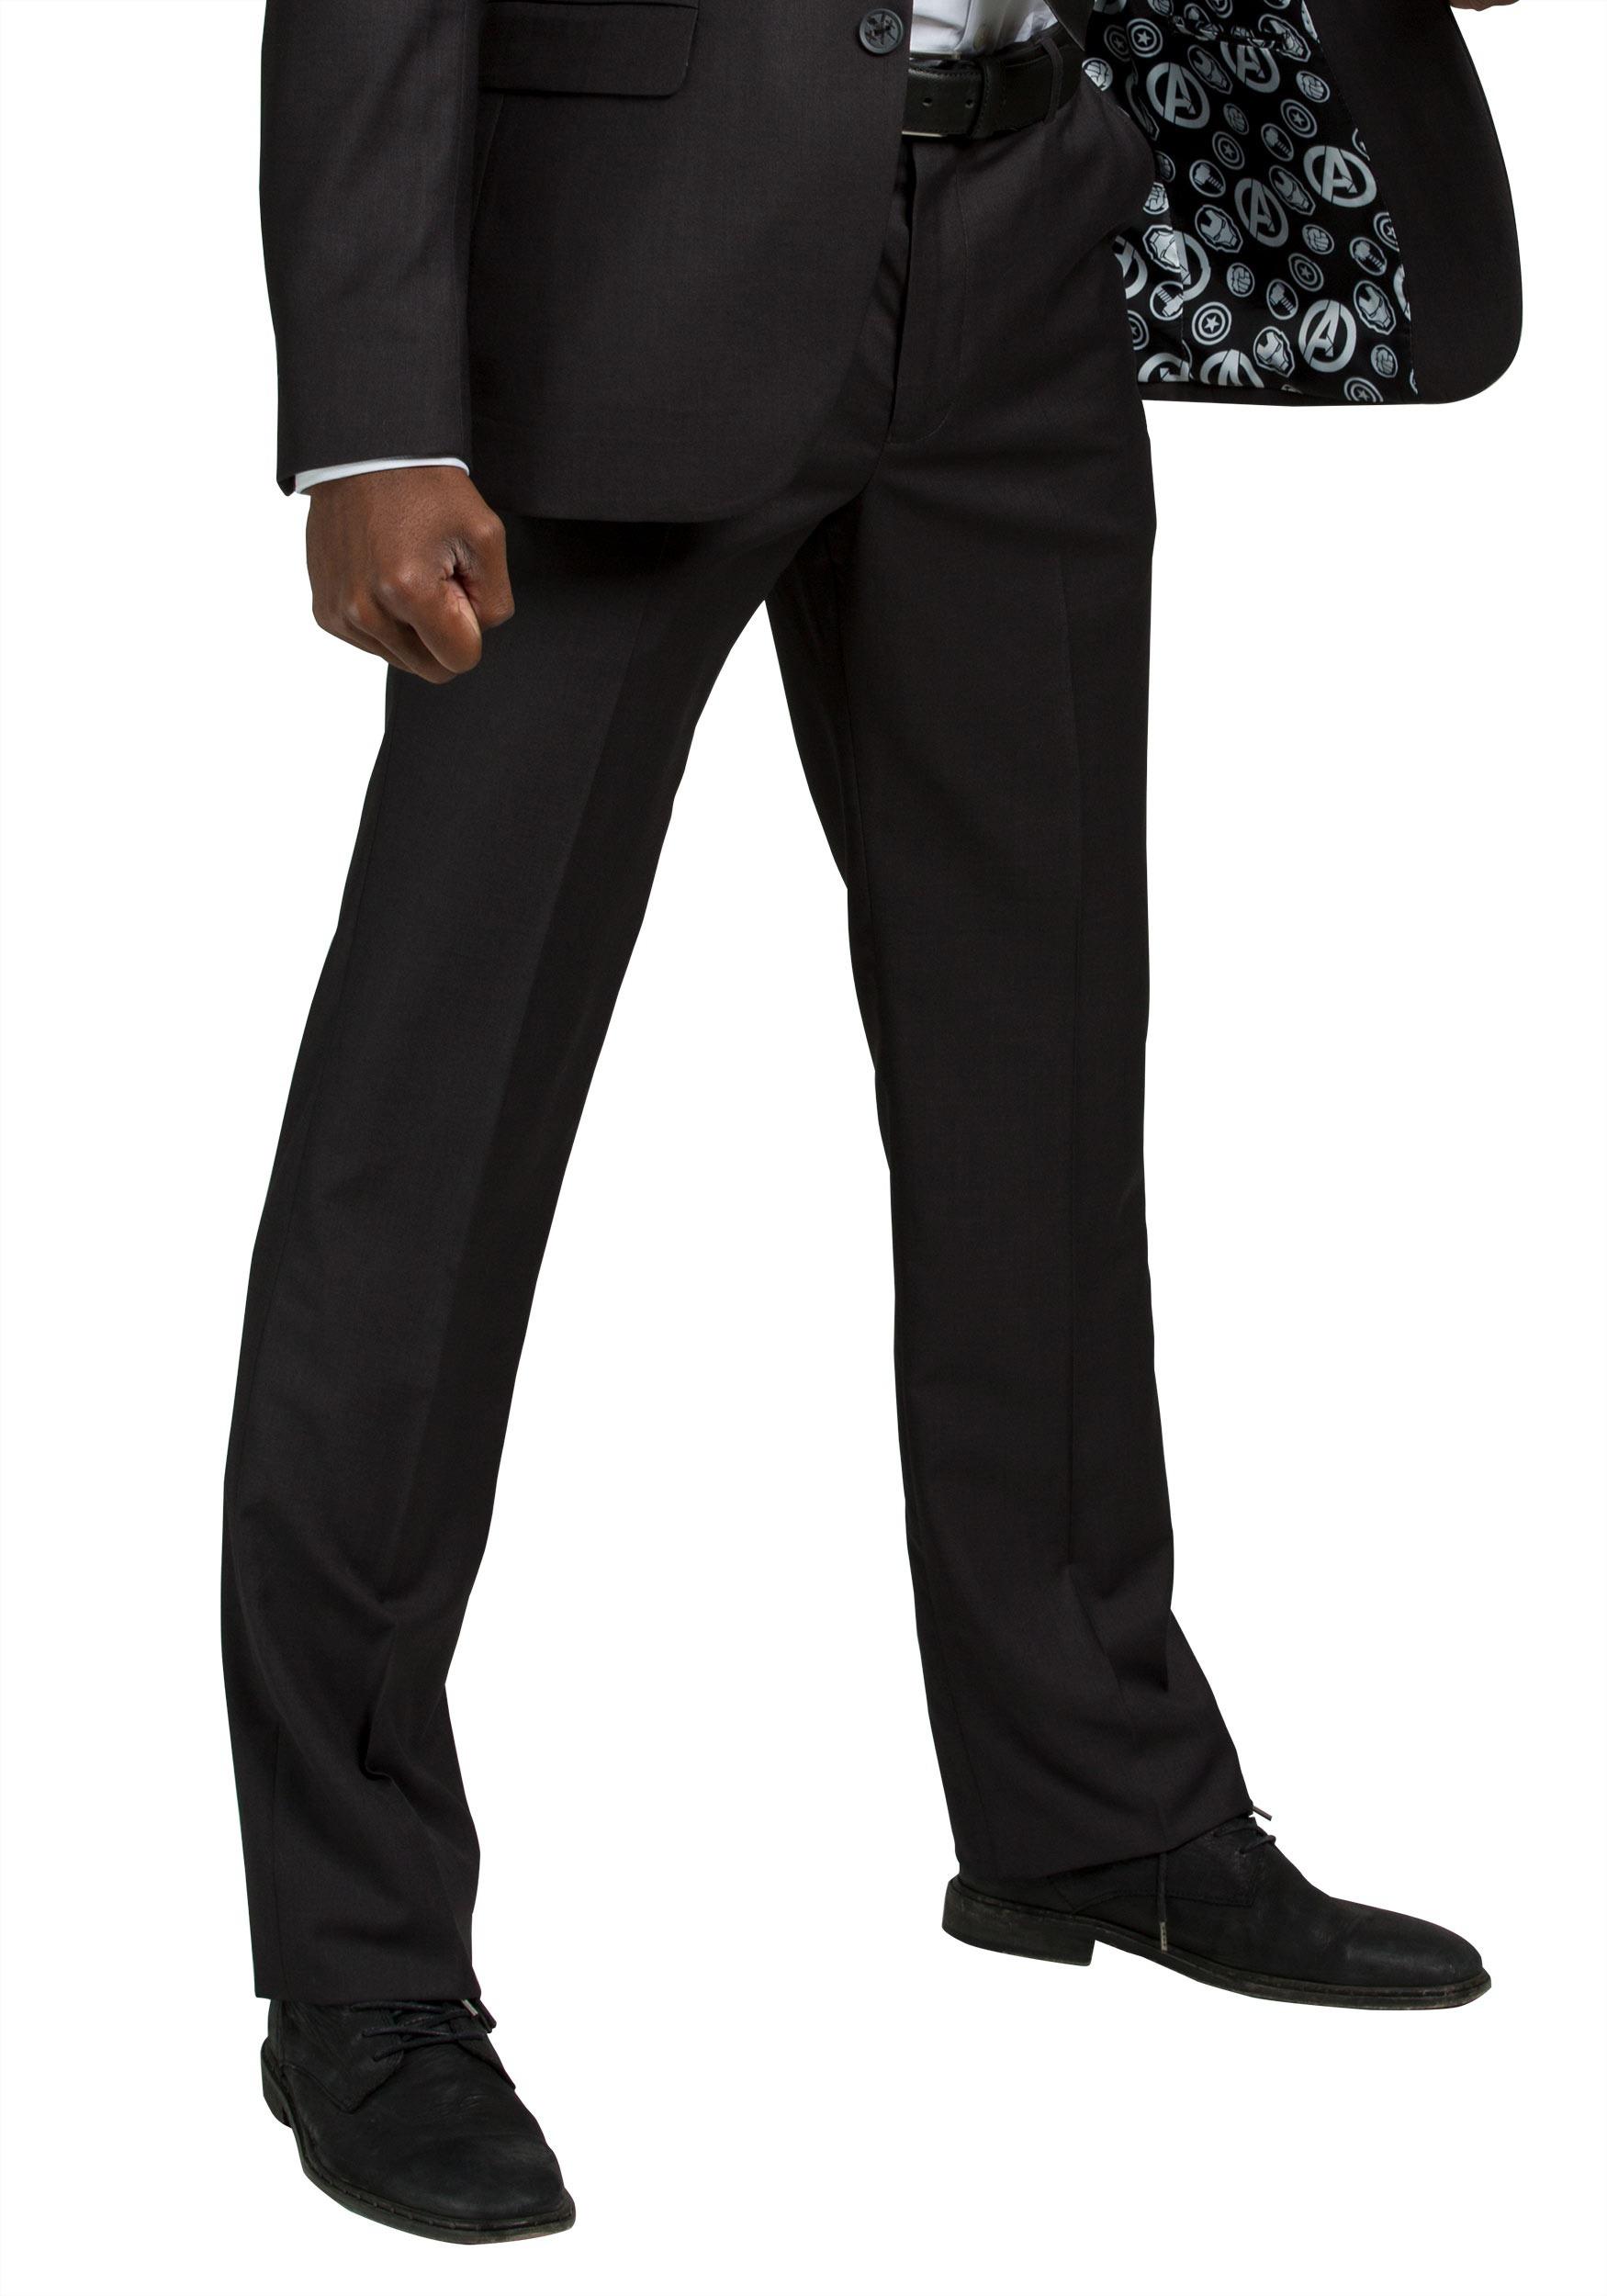 Secret Identity Avengers Slim Fit Suit Pants